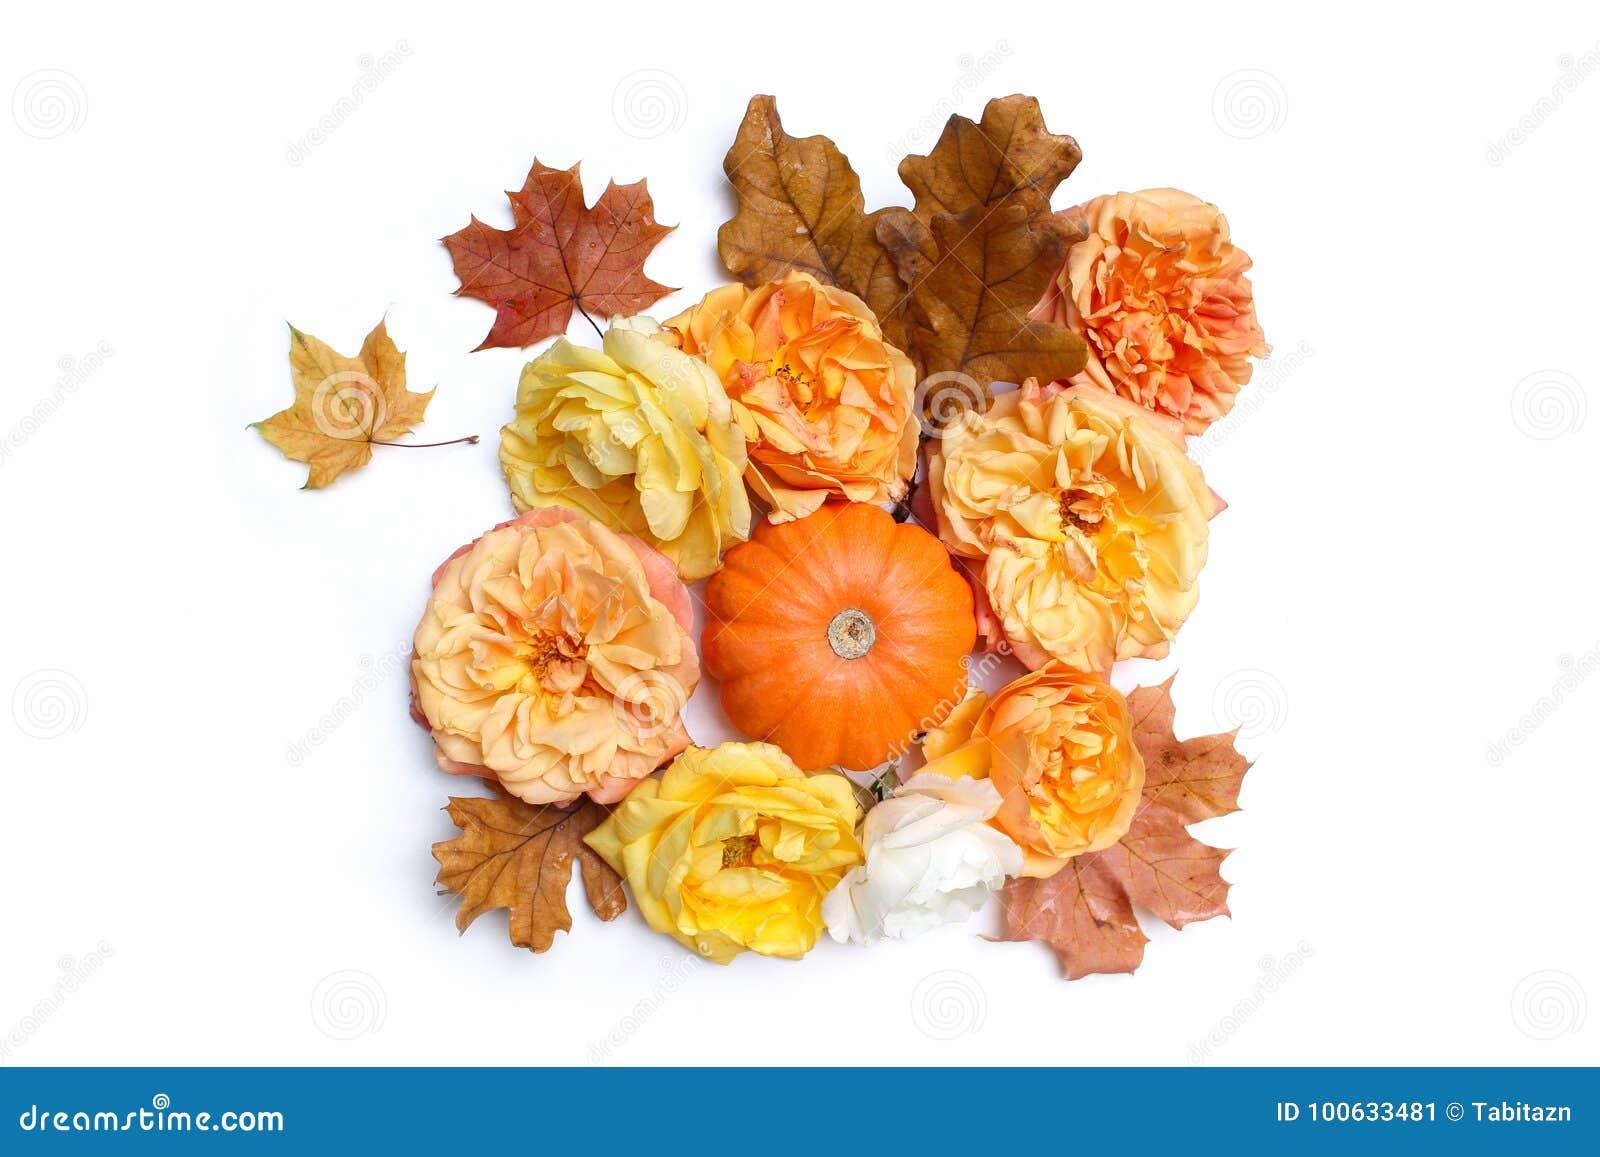 composition florale d automne stock images 504 photos. Black Bedroom Furniture Sets. Home Design Ideas